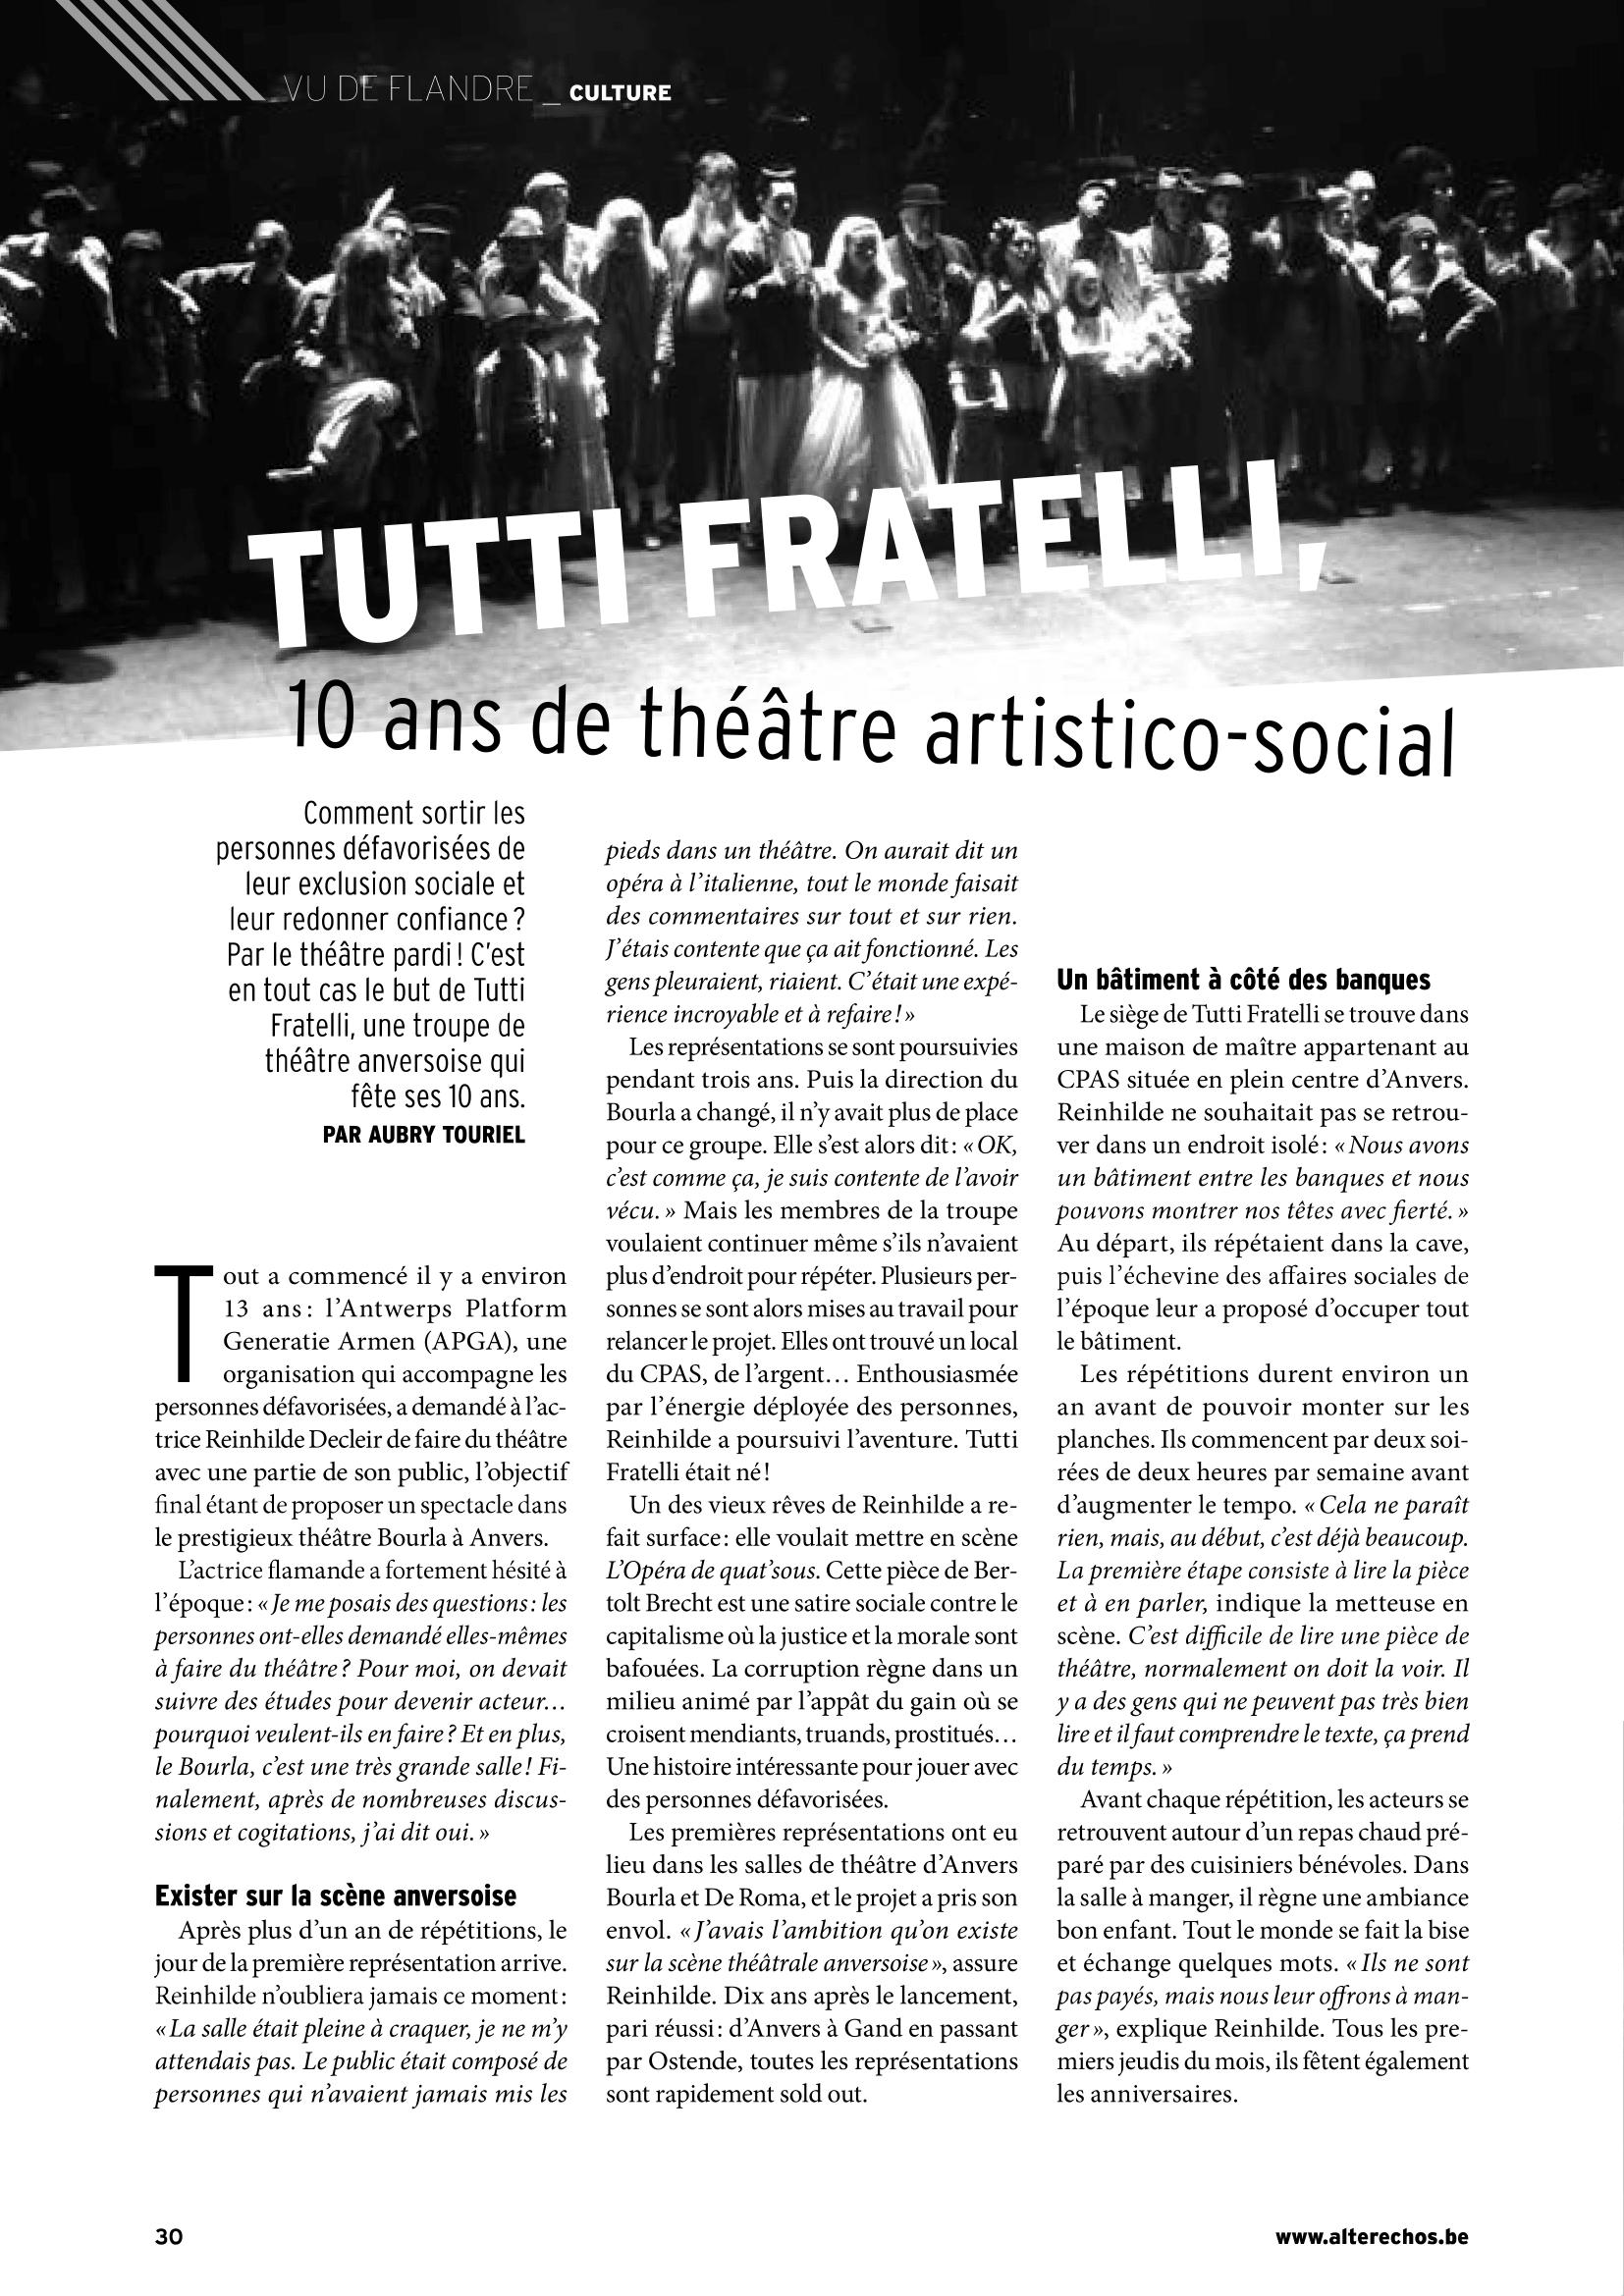 Tutti Fratelli: 10 ans de théâtre artistico-social